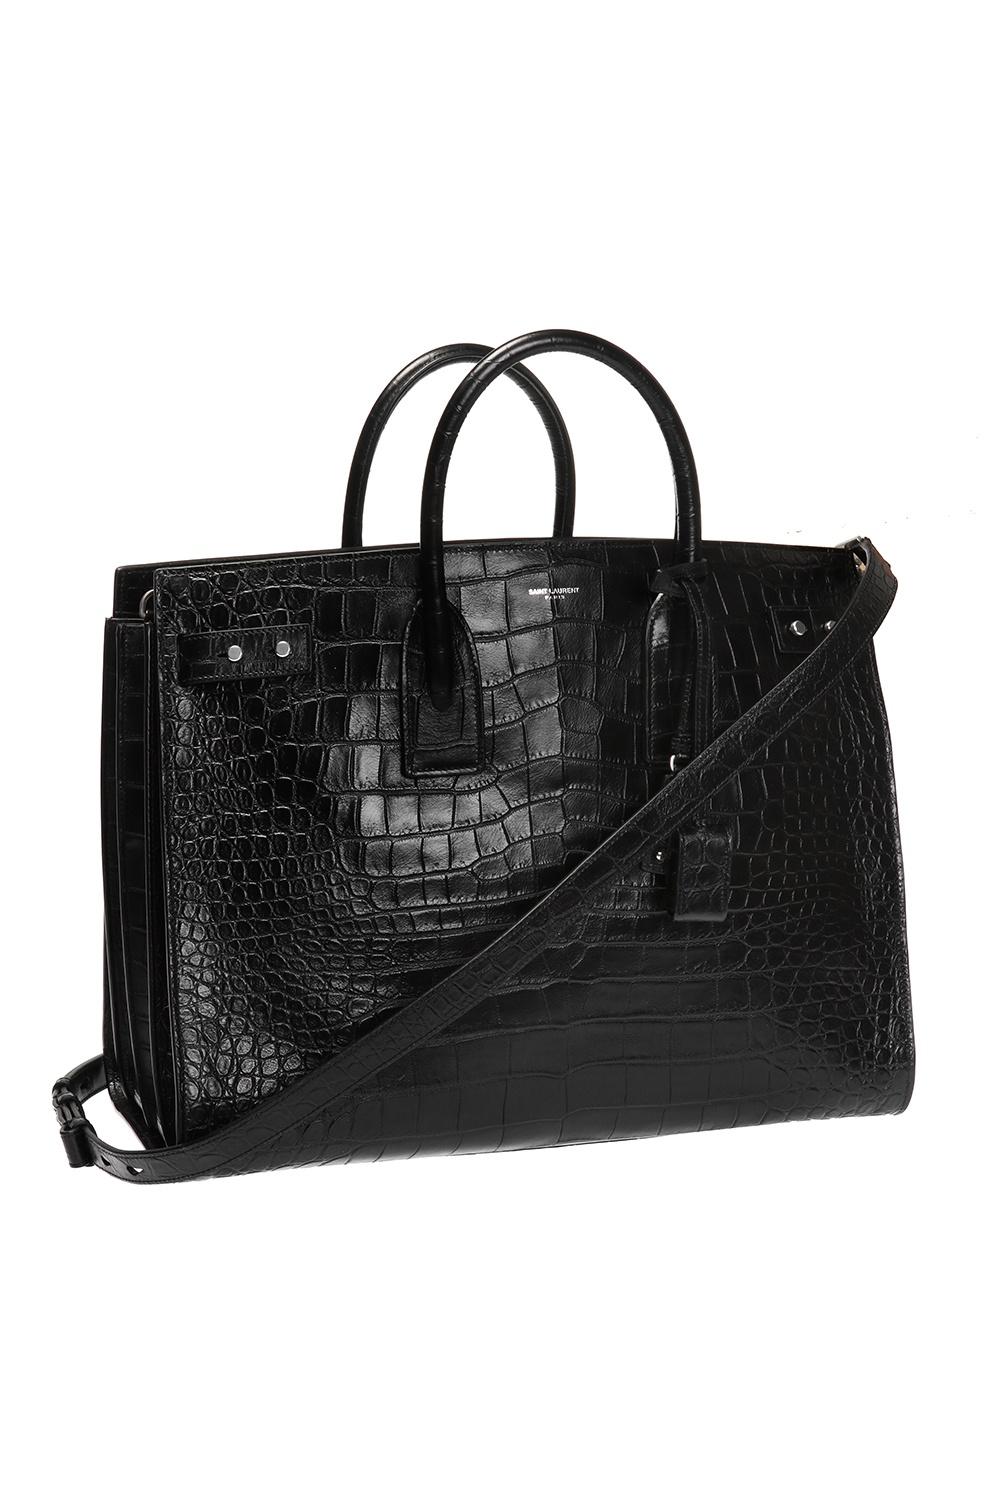 Saint Laurent 'Sac de Jour' shoulder bag